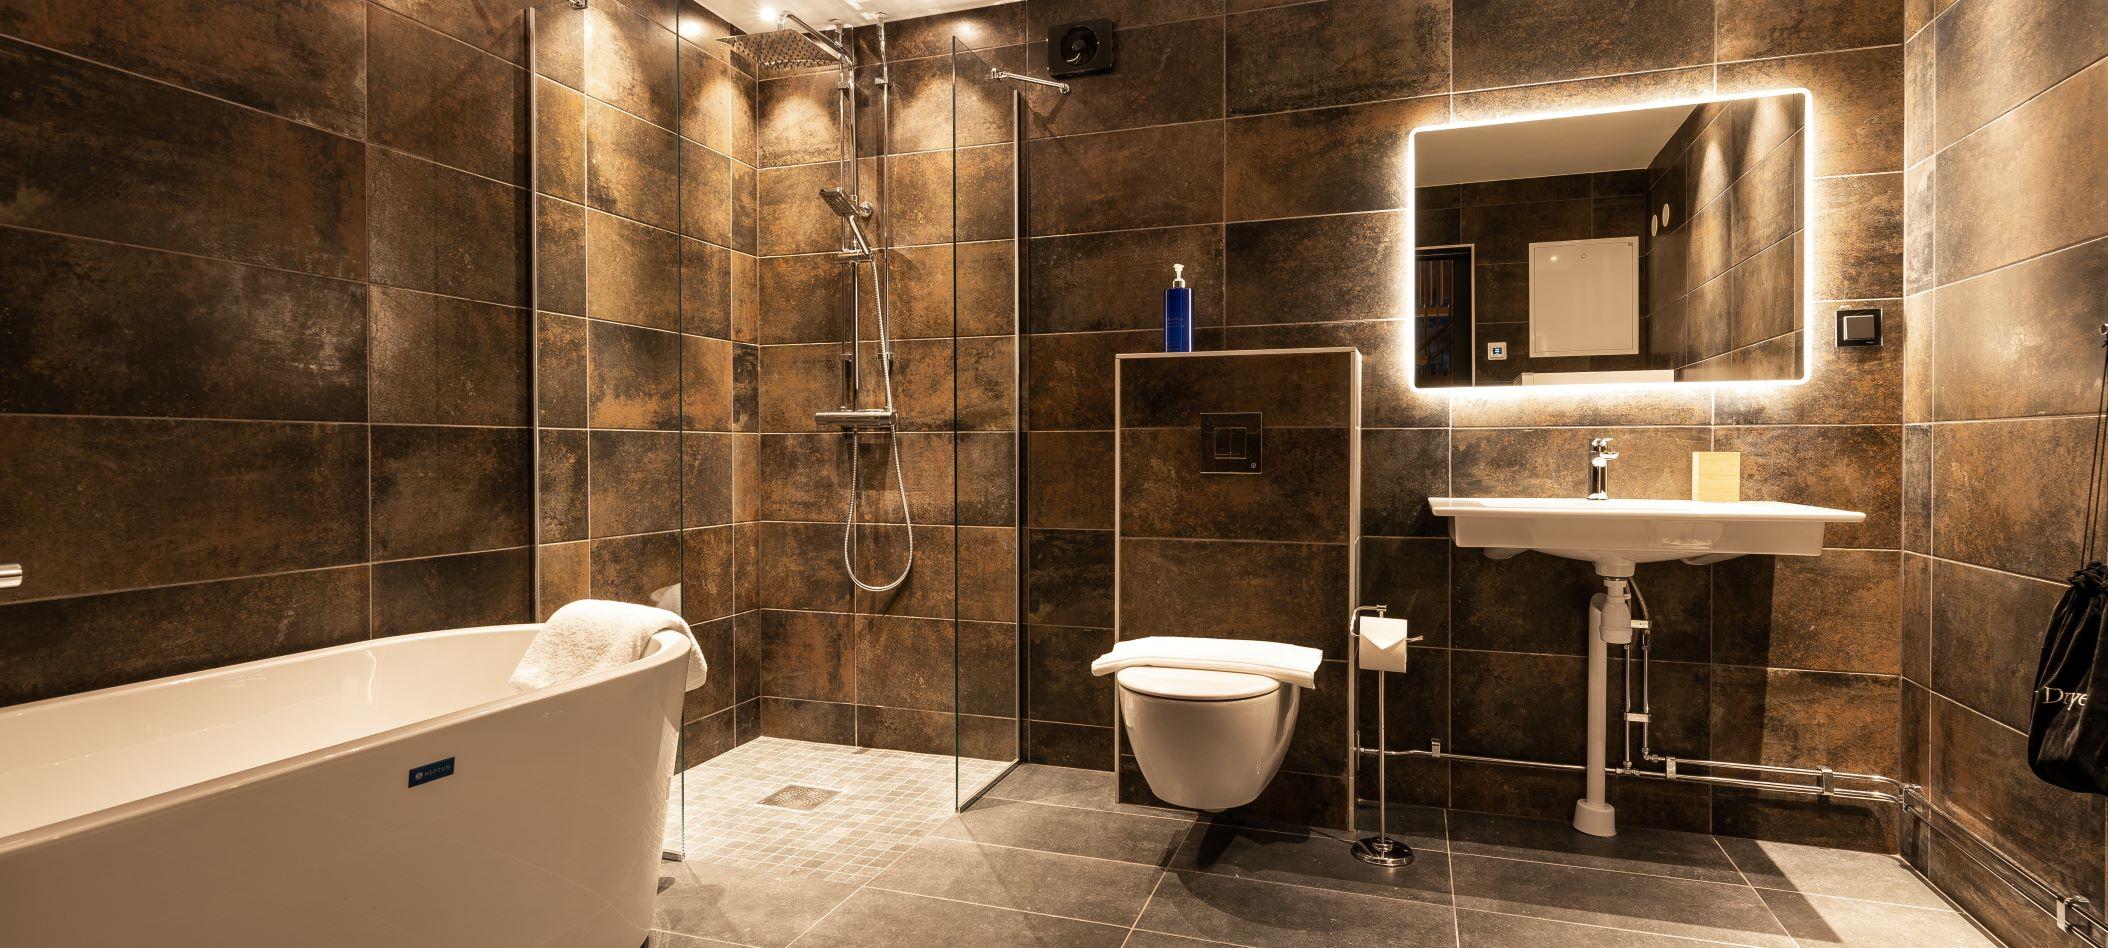 arctic-bath-ensuite-bathroom